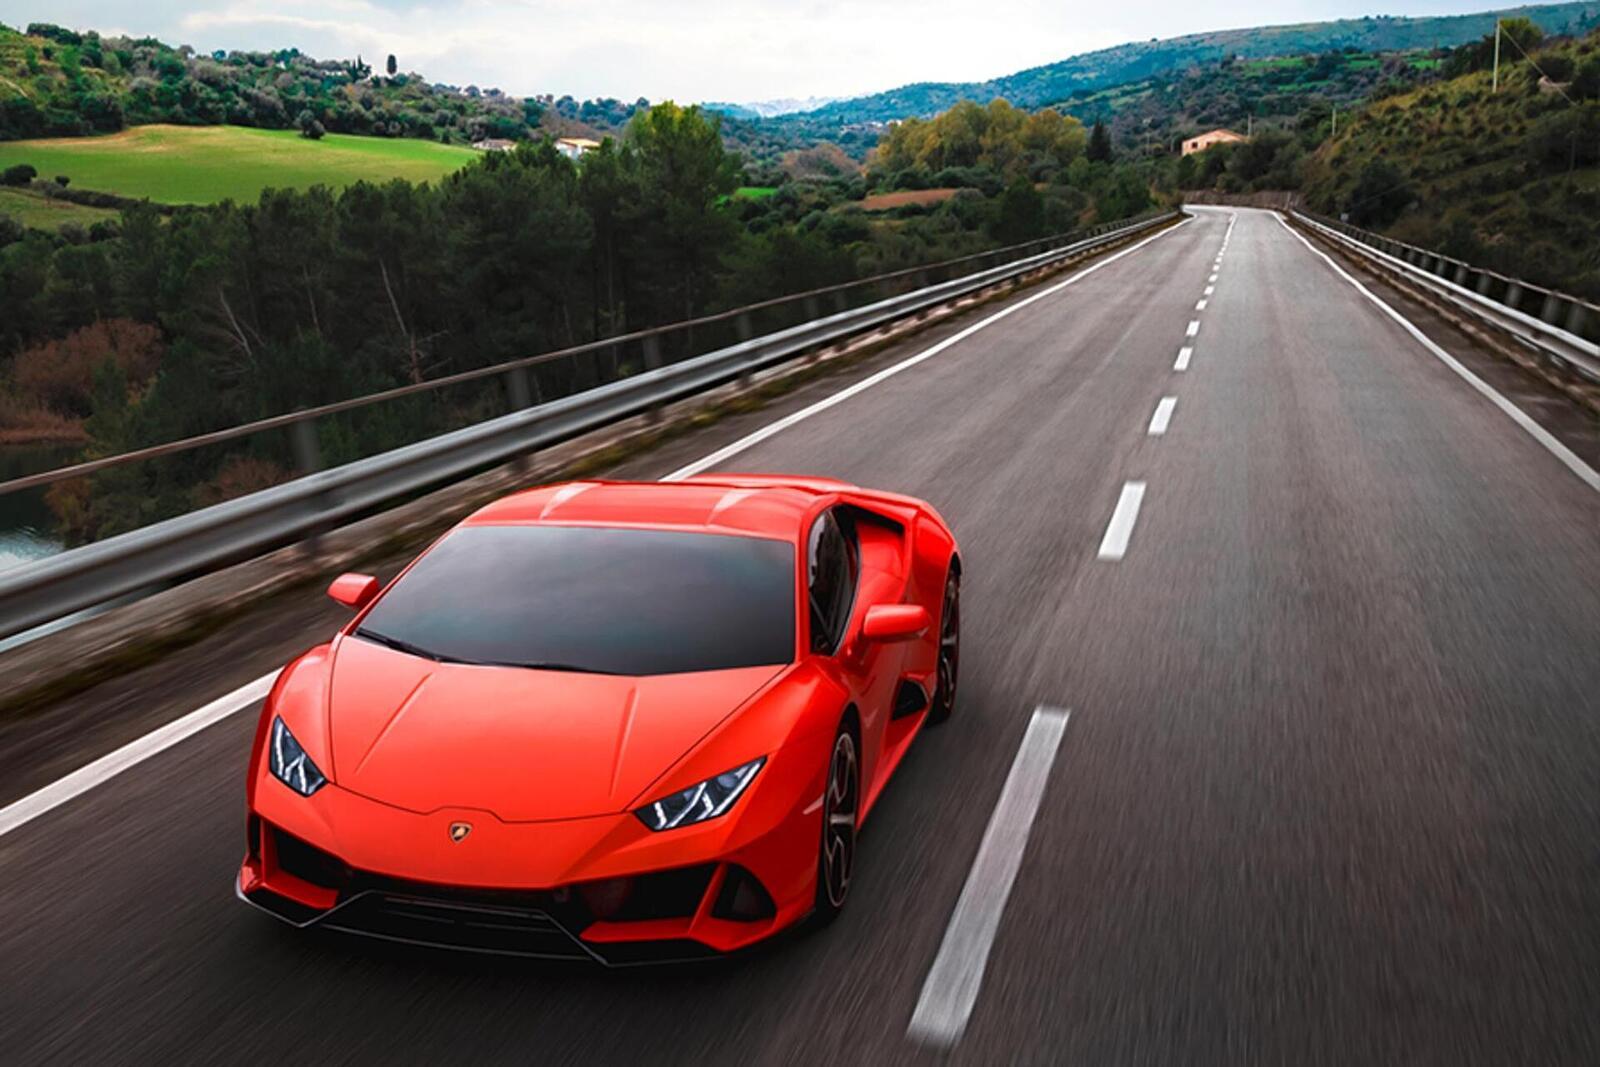 Lamborghini giới thiệu Huracan EVO mới với sức mạnh 640 mã lực - Hình 20